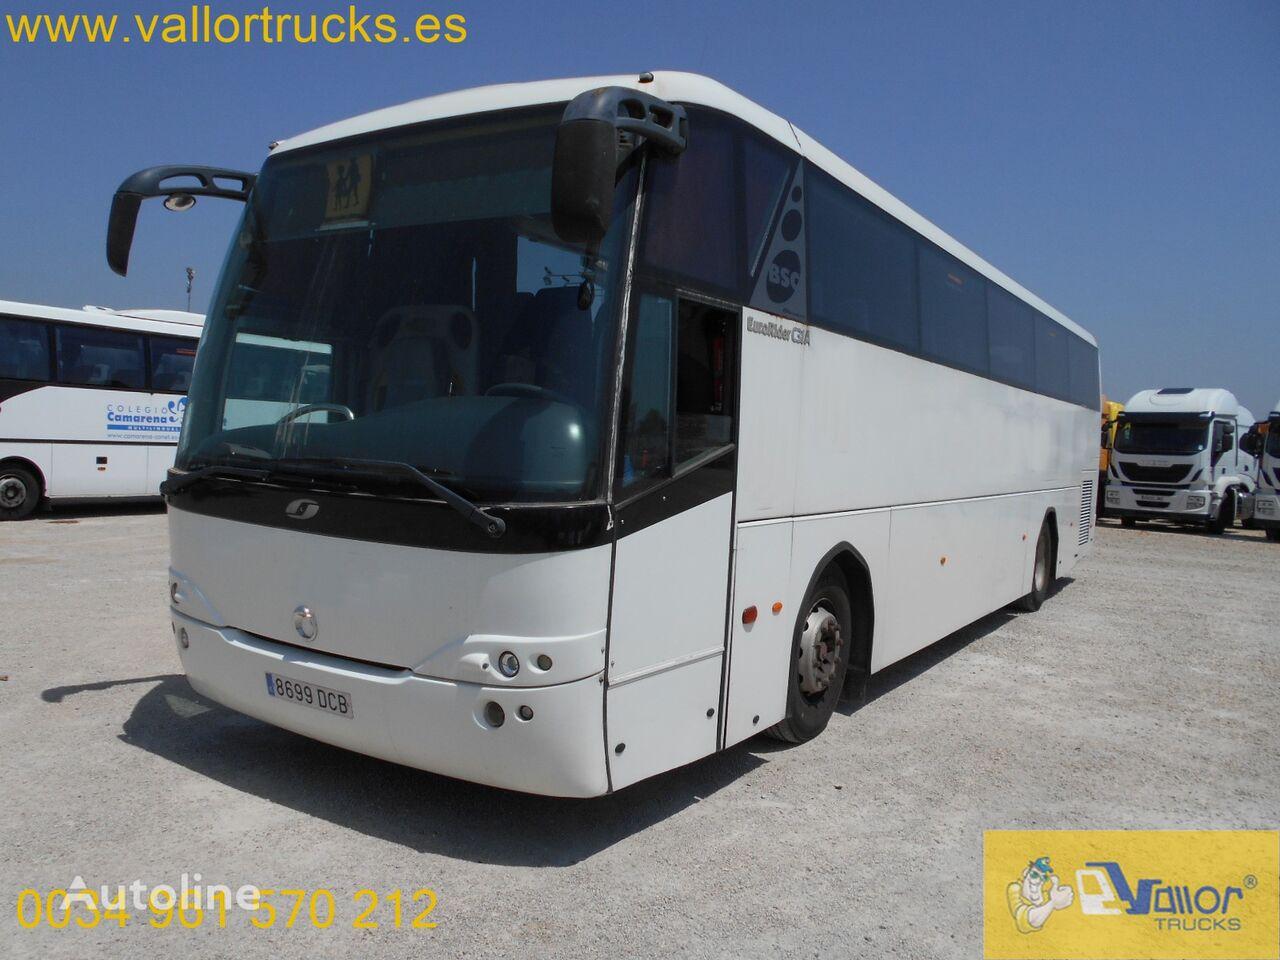 IVECO Euro Rider C31 autobús escolar